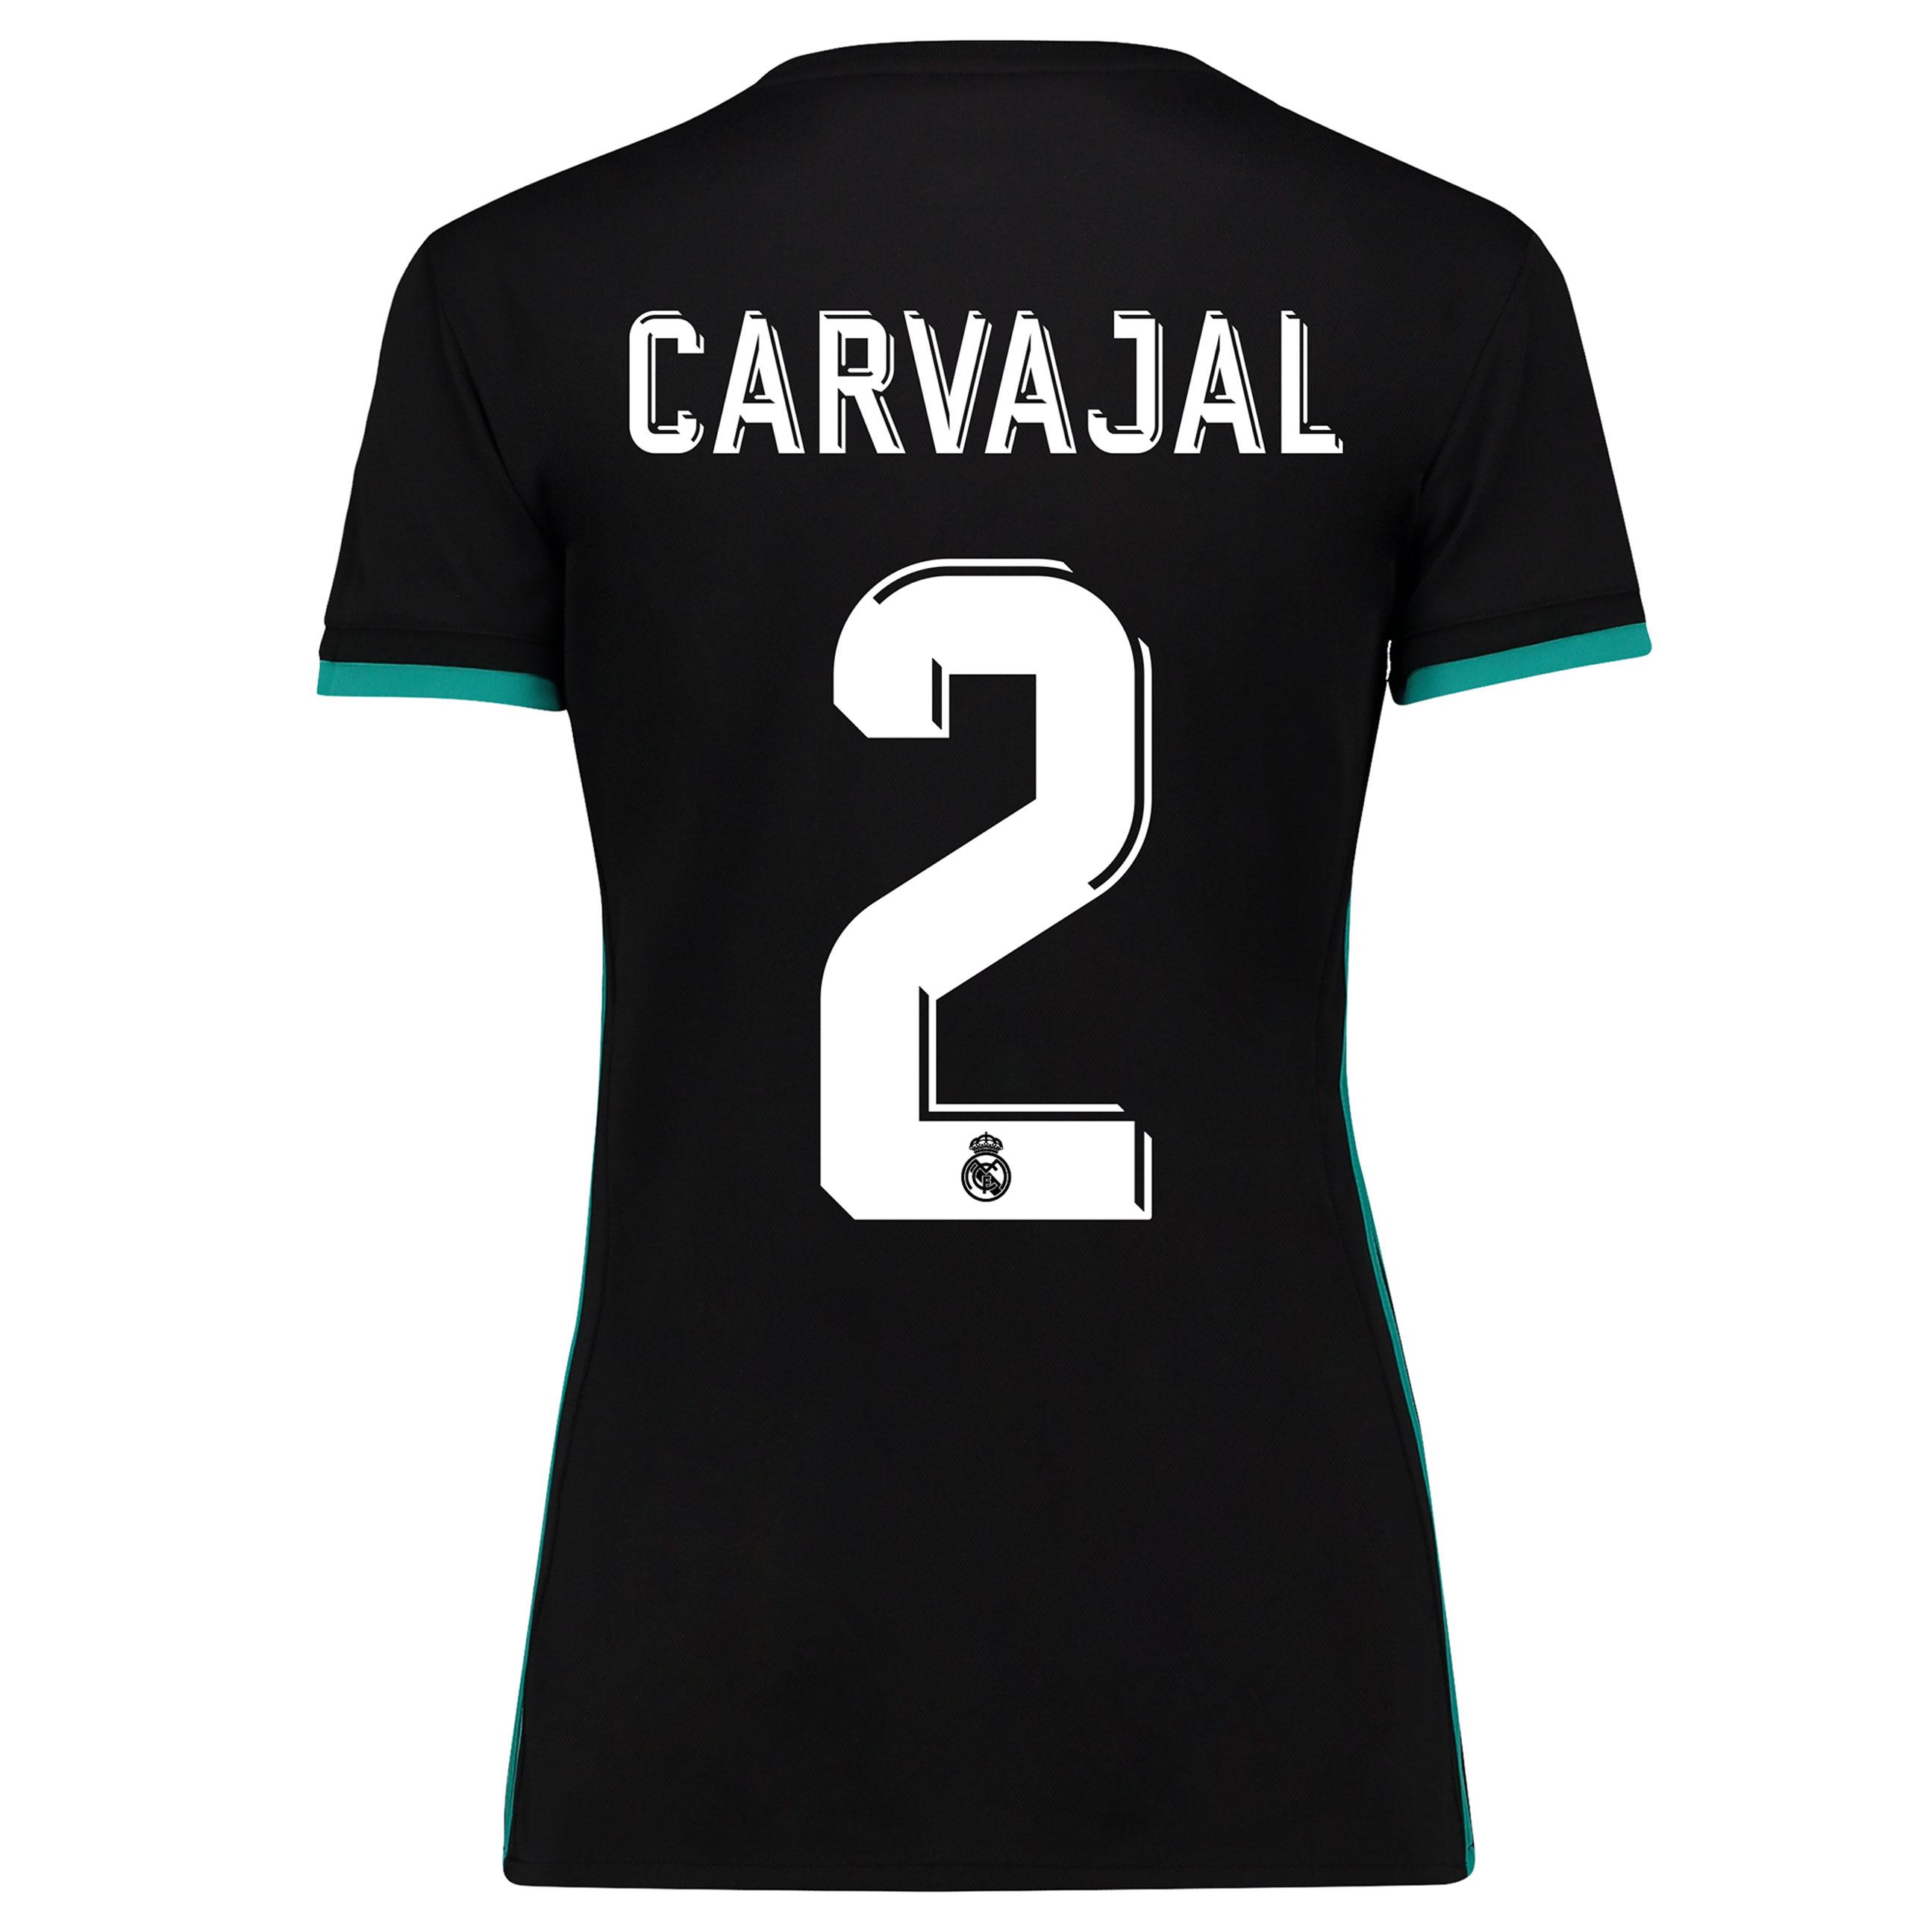 Camiseta de Carvajal 2 de mujer en manga corta - 2ª equipación del Real Madrid 2017/18